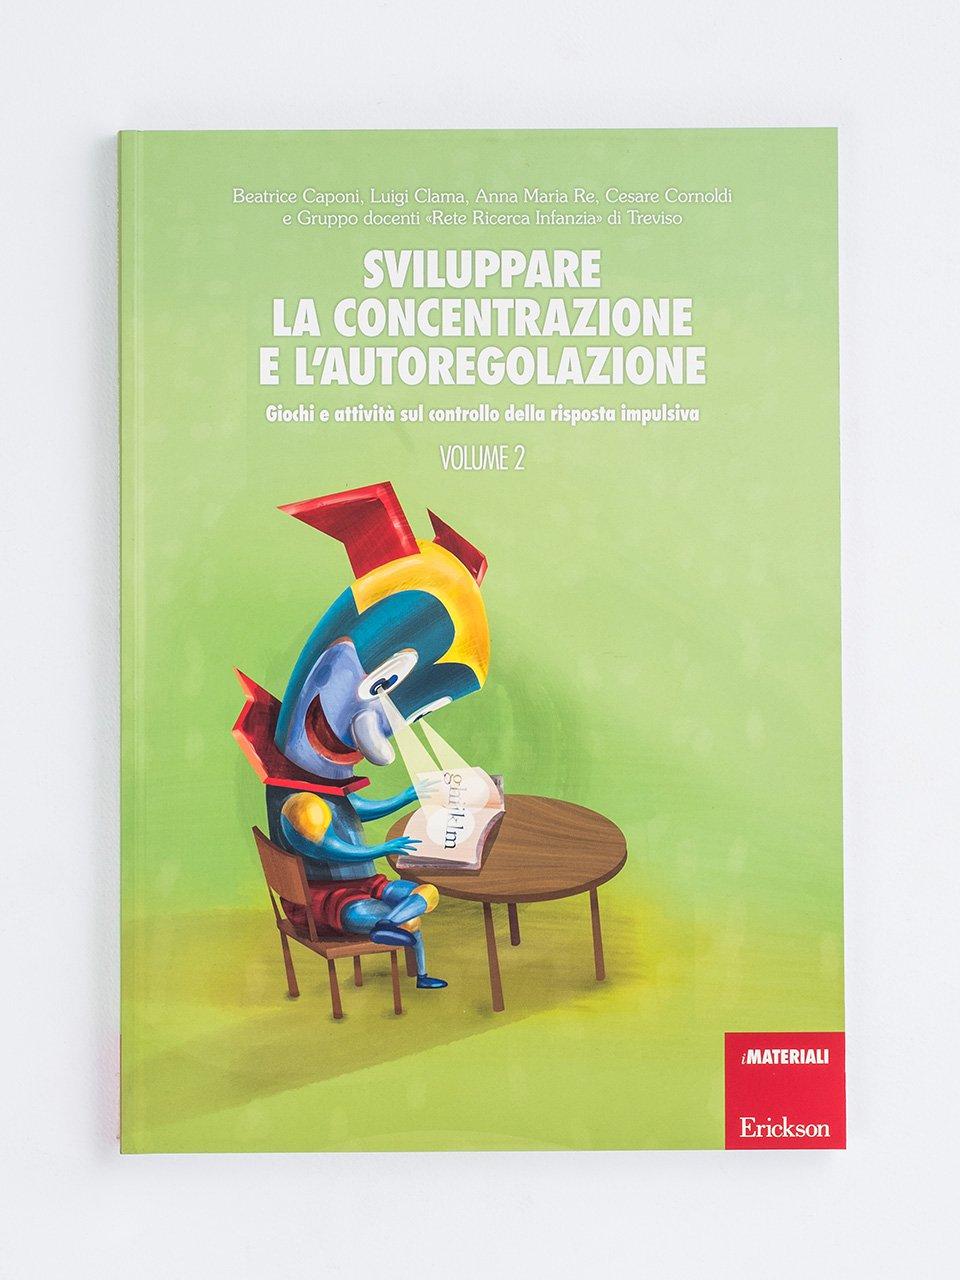 Sviluppare la concentrazione e l'autoregolazione - Volume 2 - Un'offerta completa di libri e corsi di formazione sul Disturbo da Deficit di Attenzione e Iperattività nei bambini. Scopri sul sito